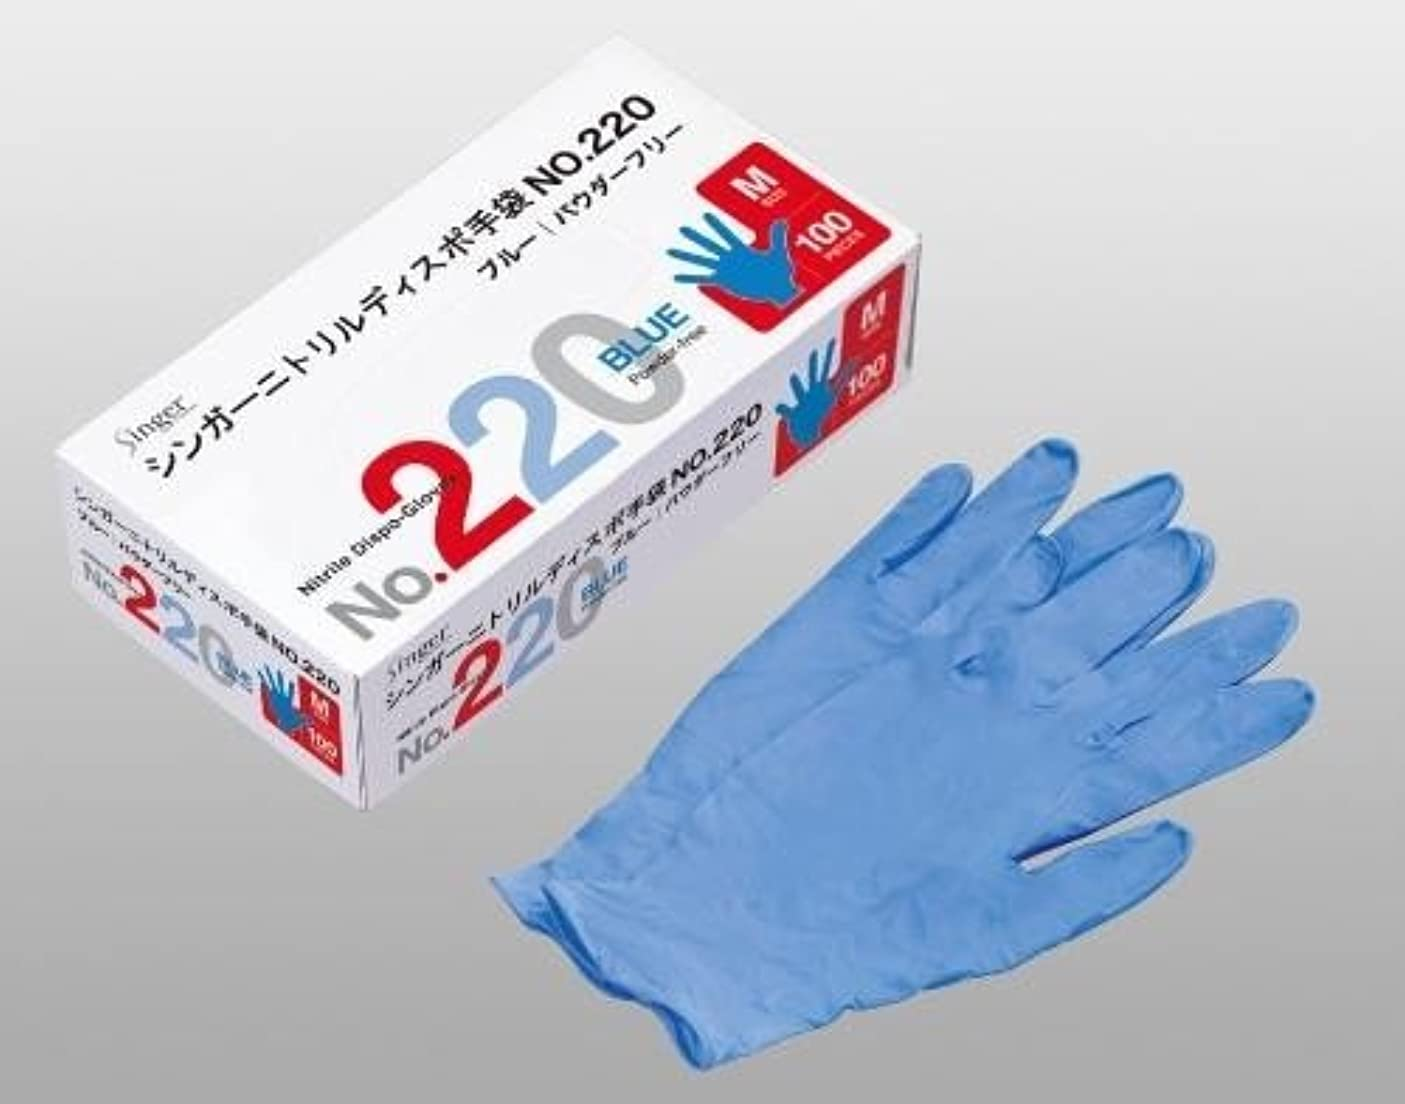 道徳教育若いコンパイルシンガーニトリルディスポ手袋 No.220 ブルー パウダーフリー(100枚) S